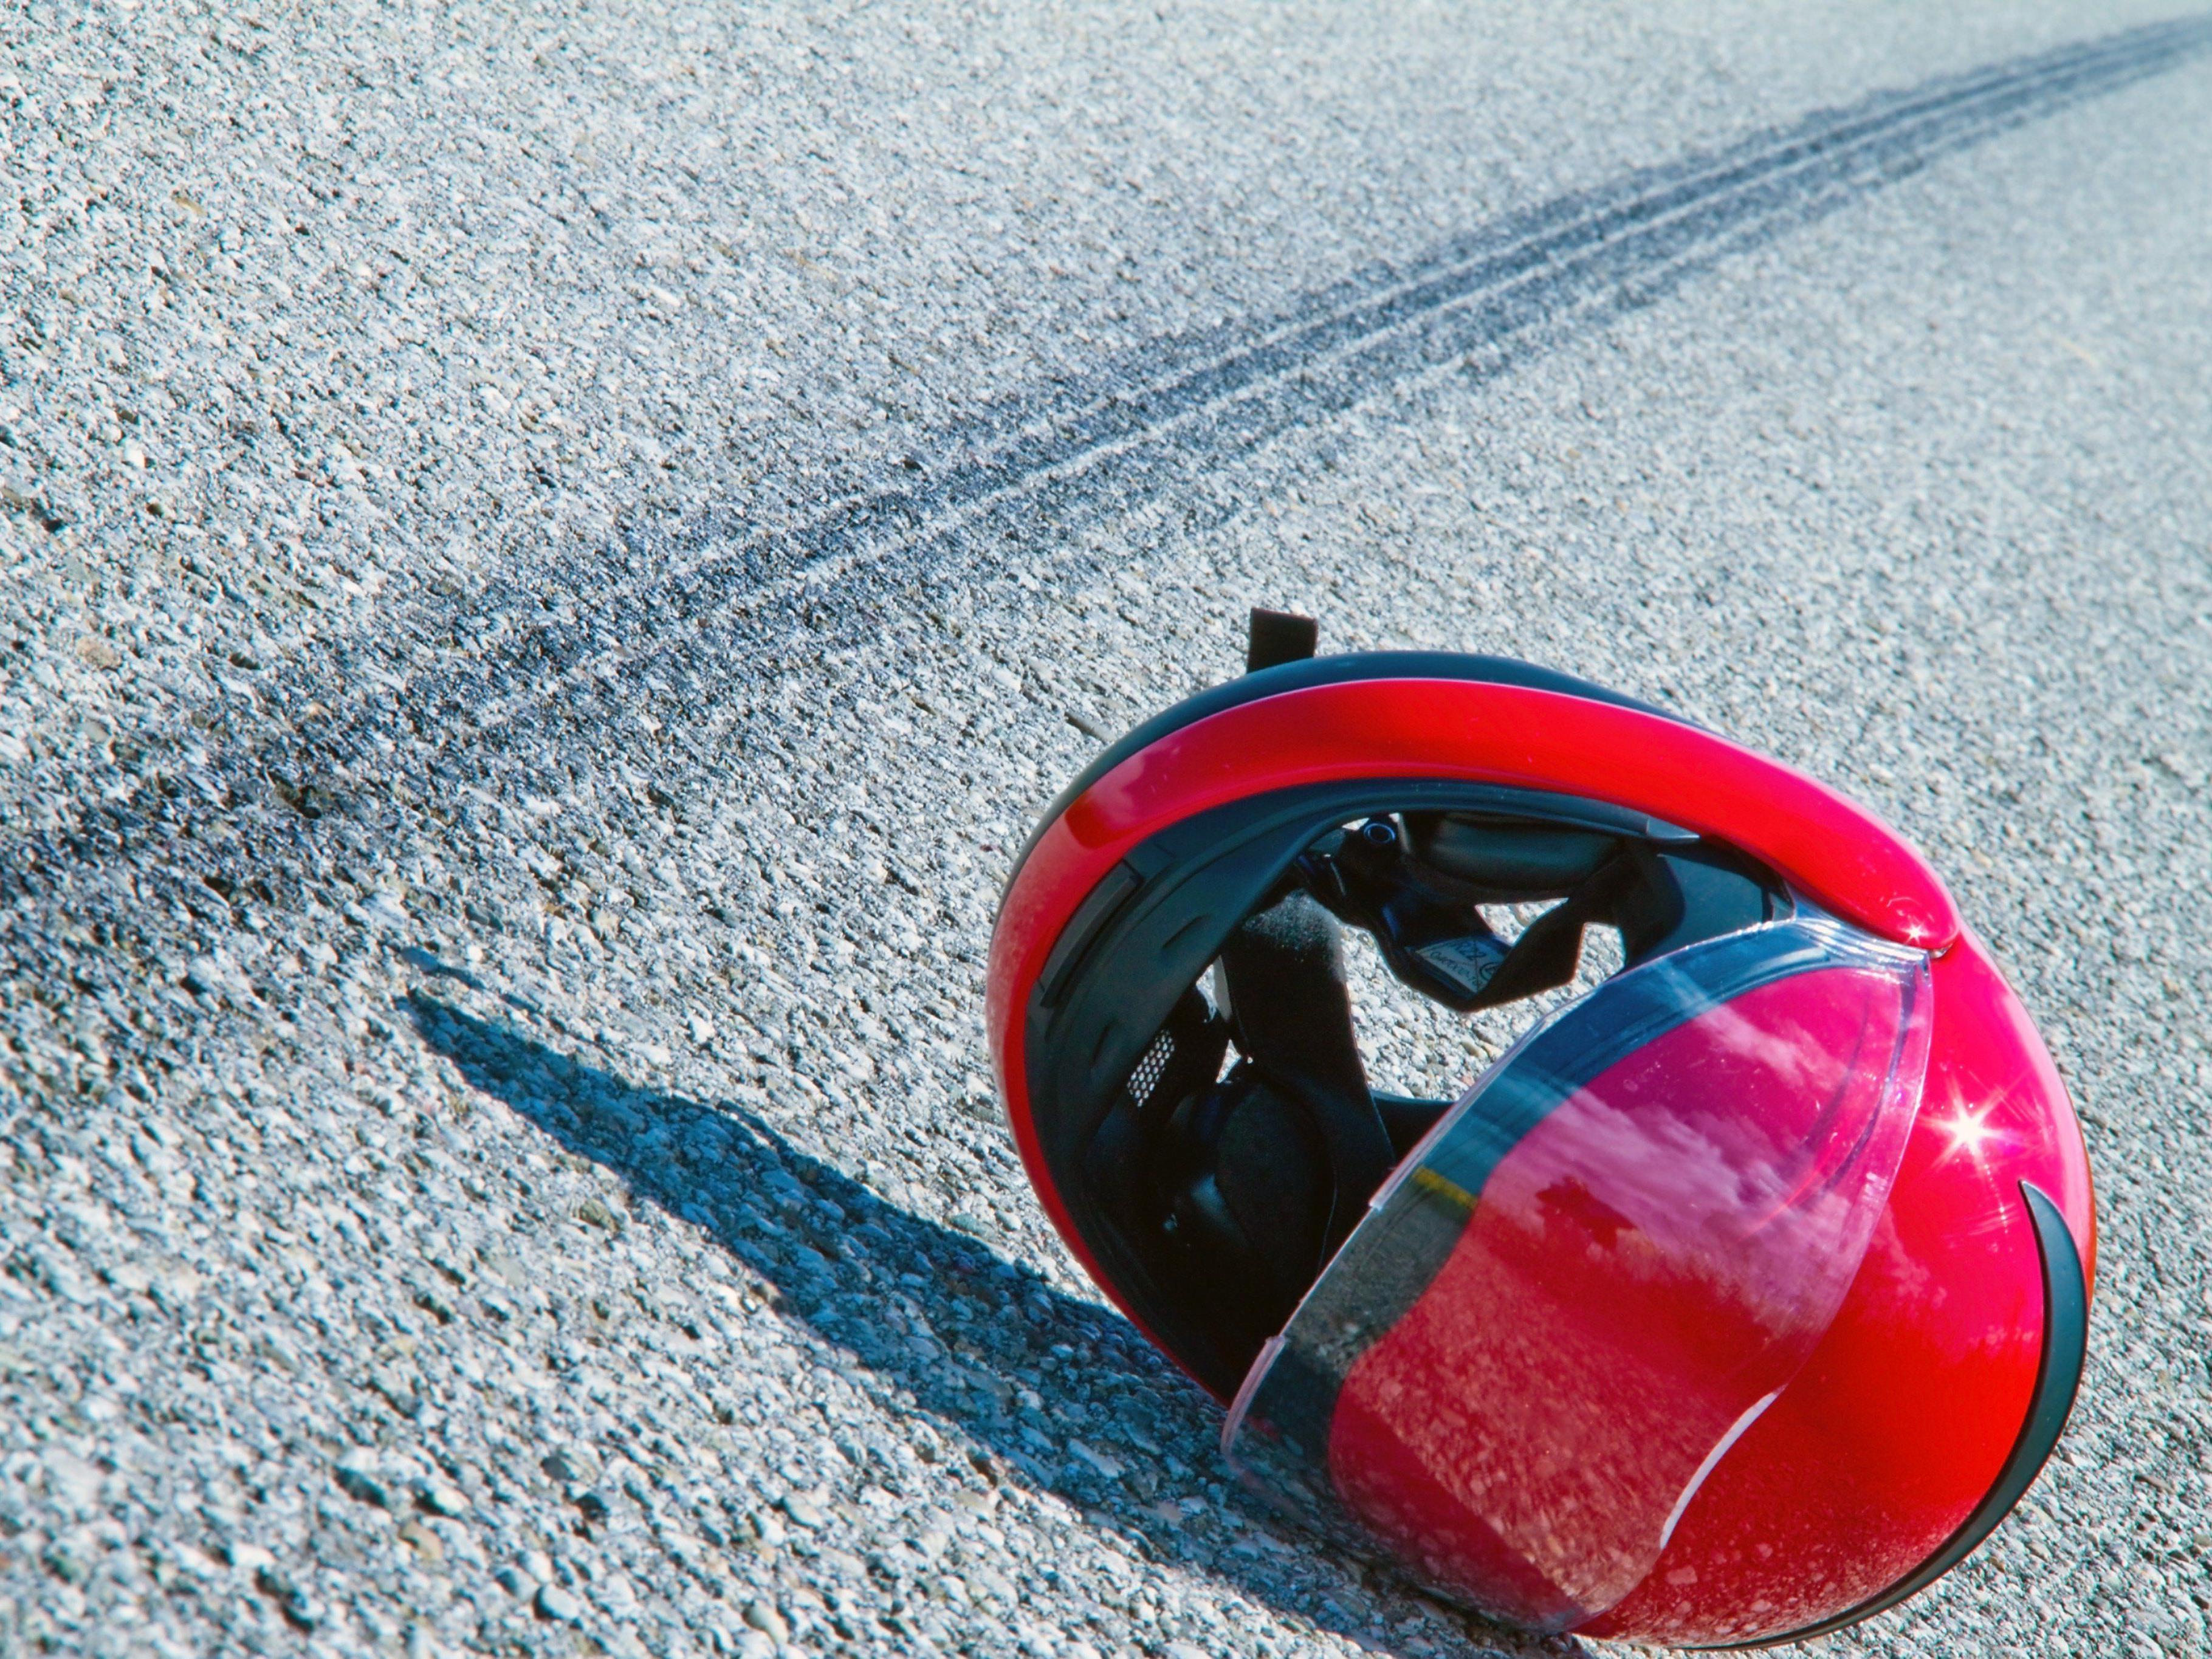 Ein Ehepaar, das zufällig am Unfallort vorbeikam, alarmierte die Rettungskräfte.